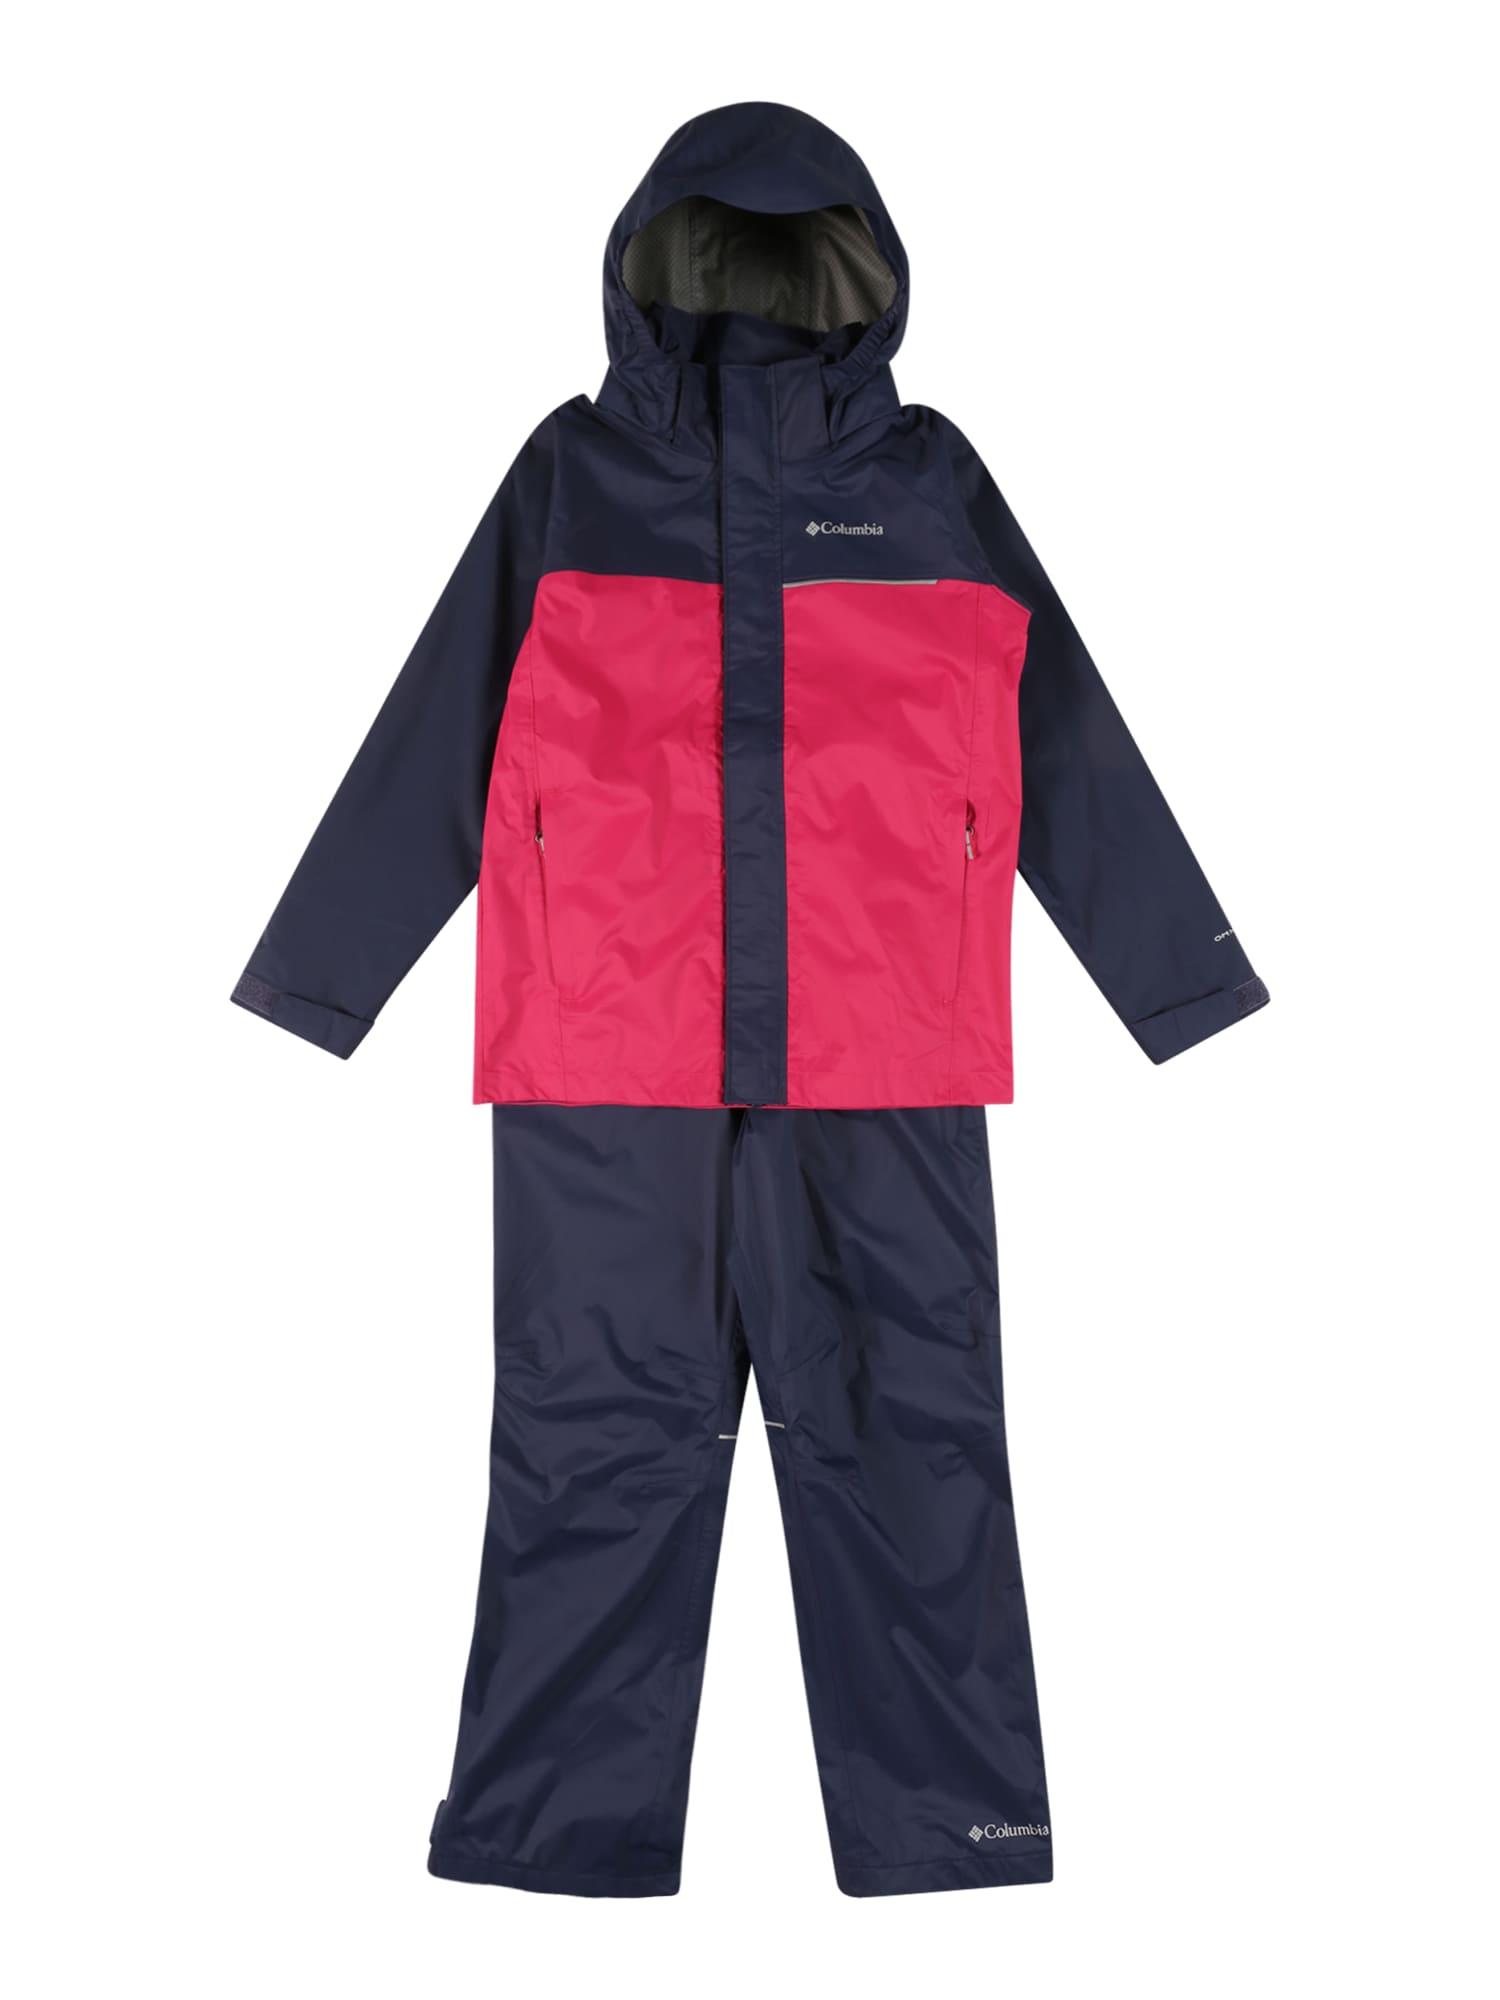 COLUMBIA Funkcinis kostiumas pitajų spalva / tamsiai mėlyna / sidabrinė